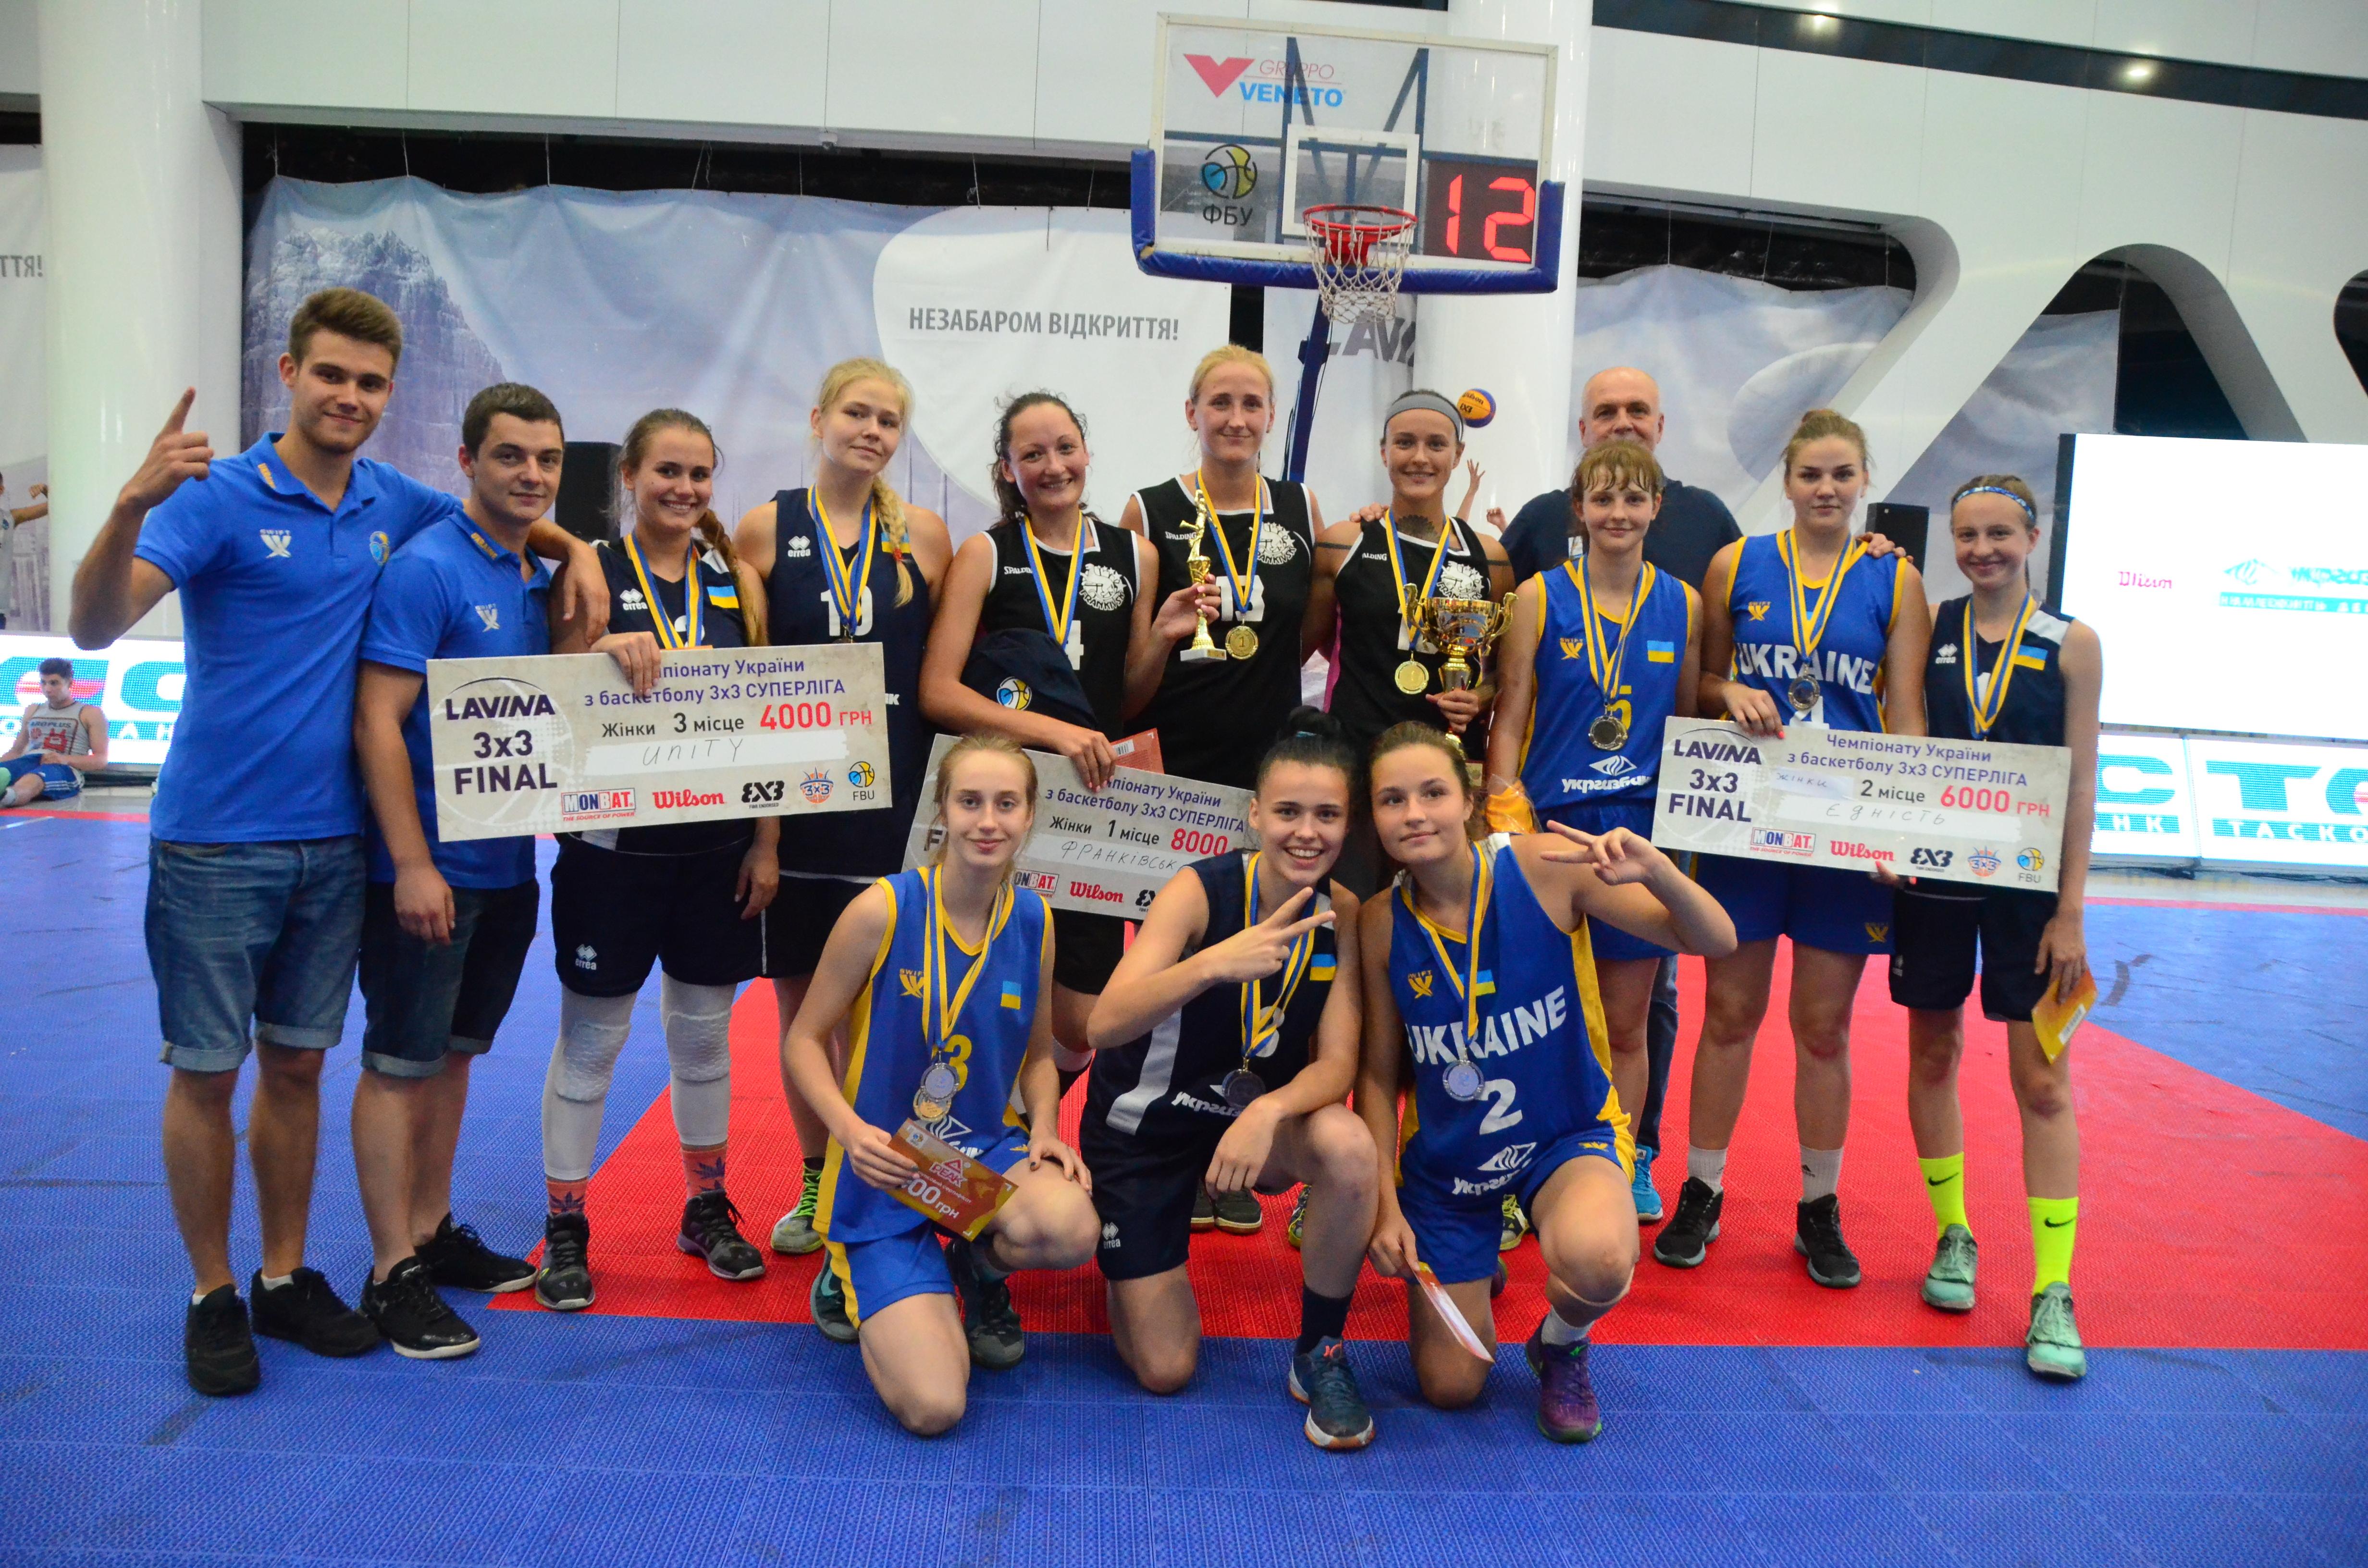 Визначилися переможці і призери Чемпіонату України з баскетболу 3х3